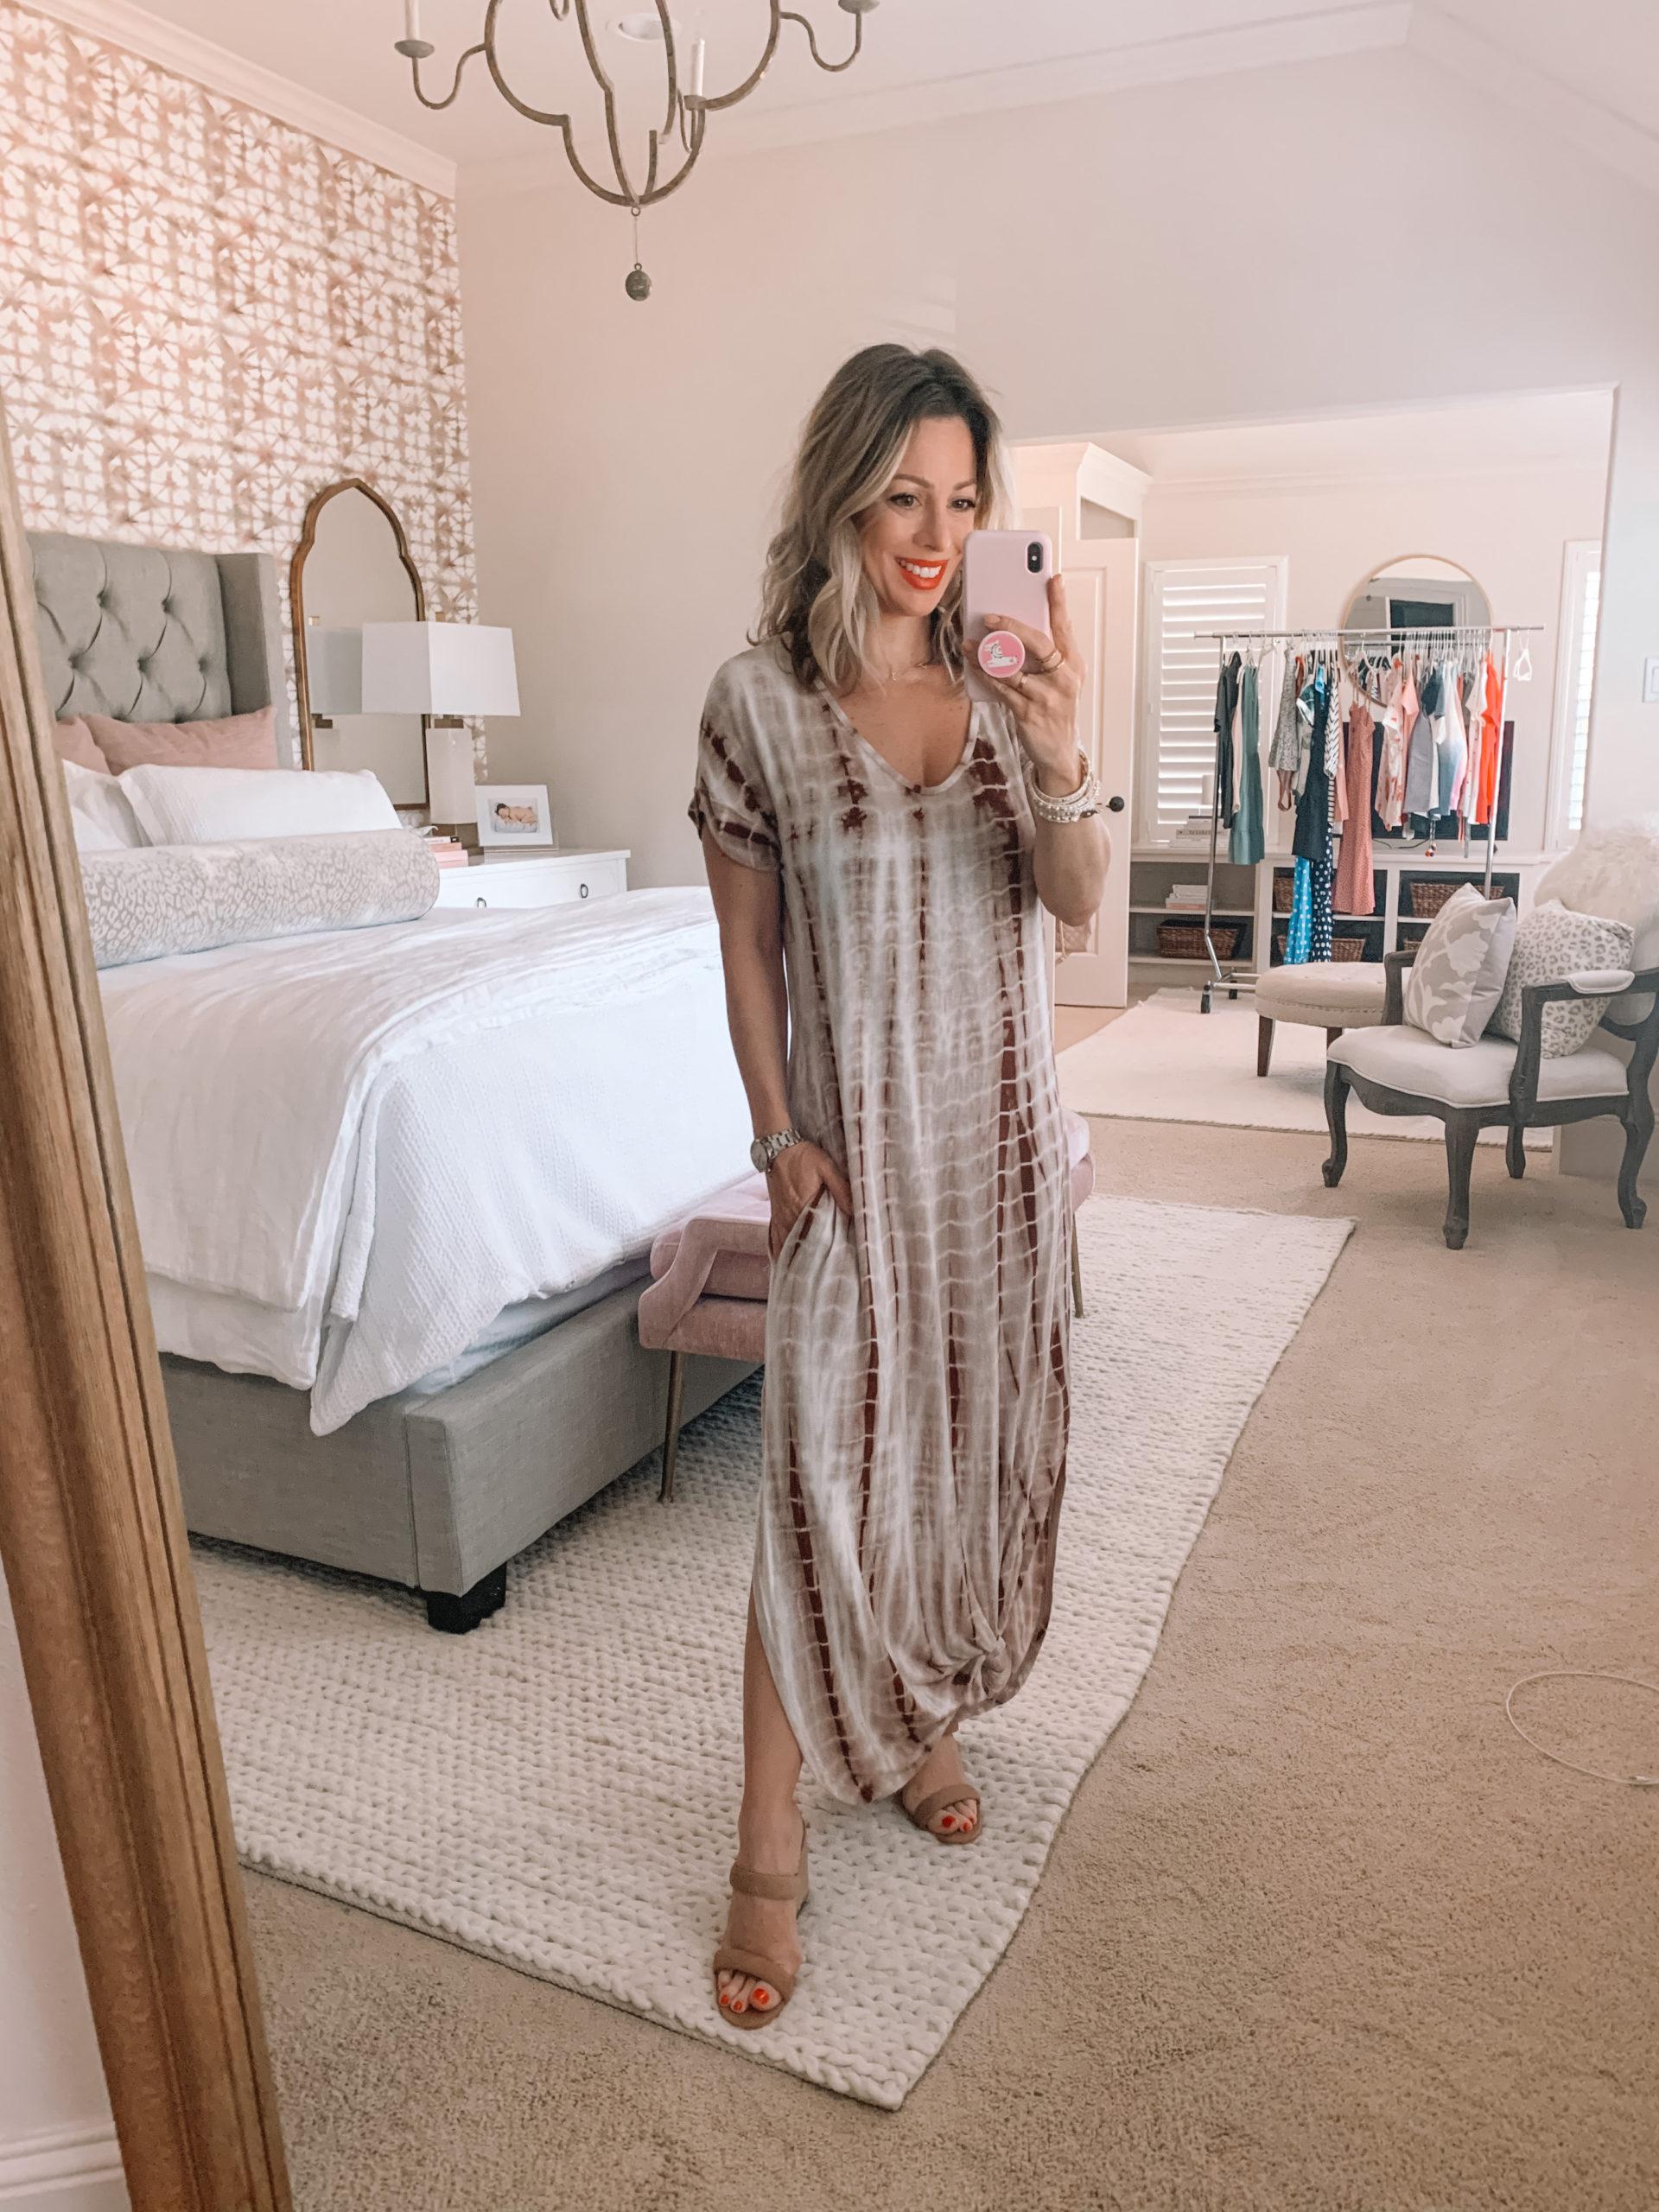 Amazon Fashion - Tie Dye Maxi dress, White Sandals